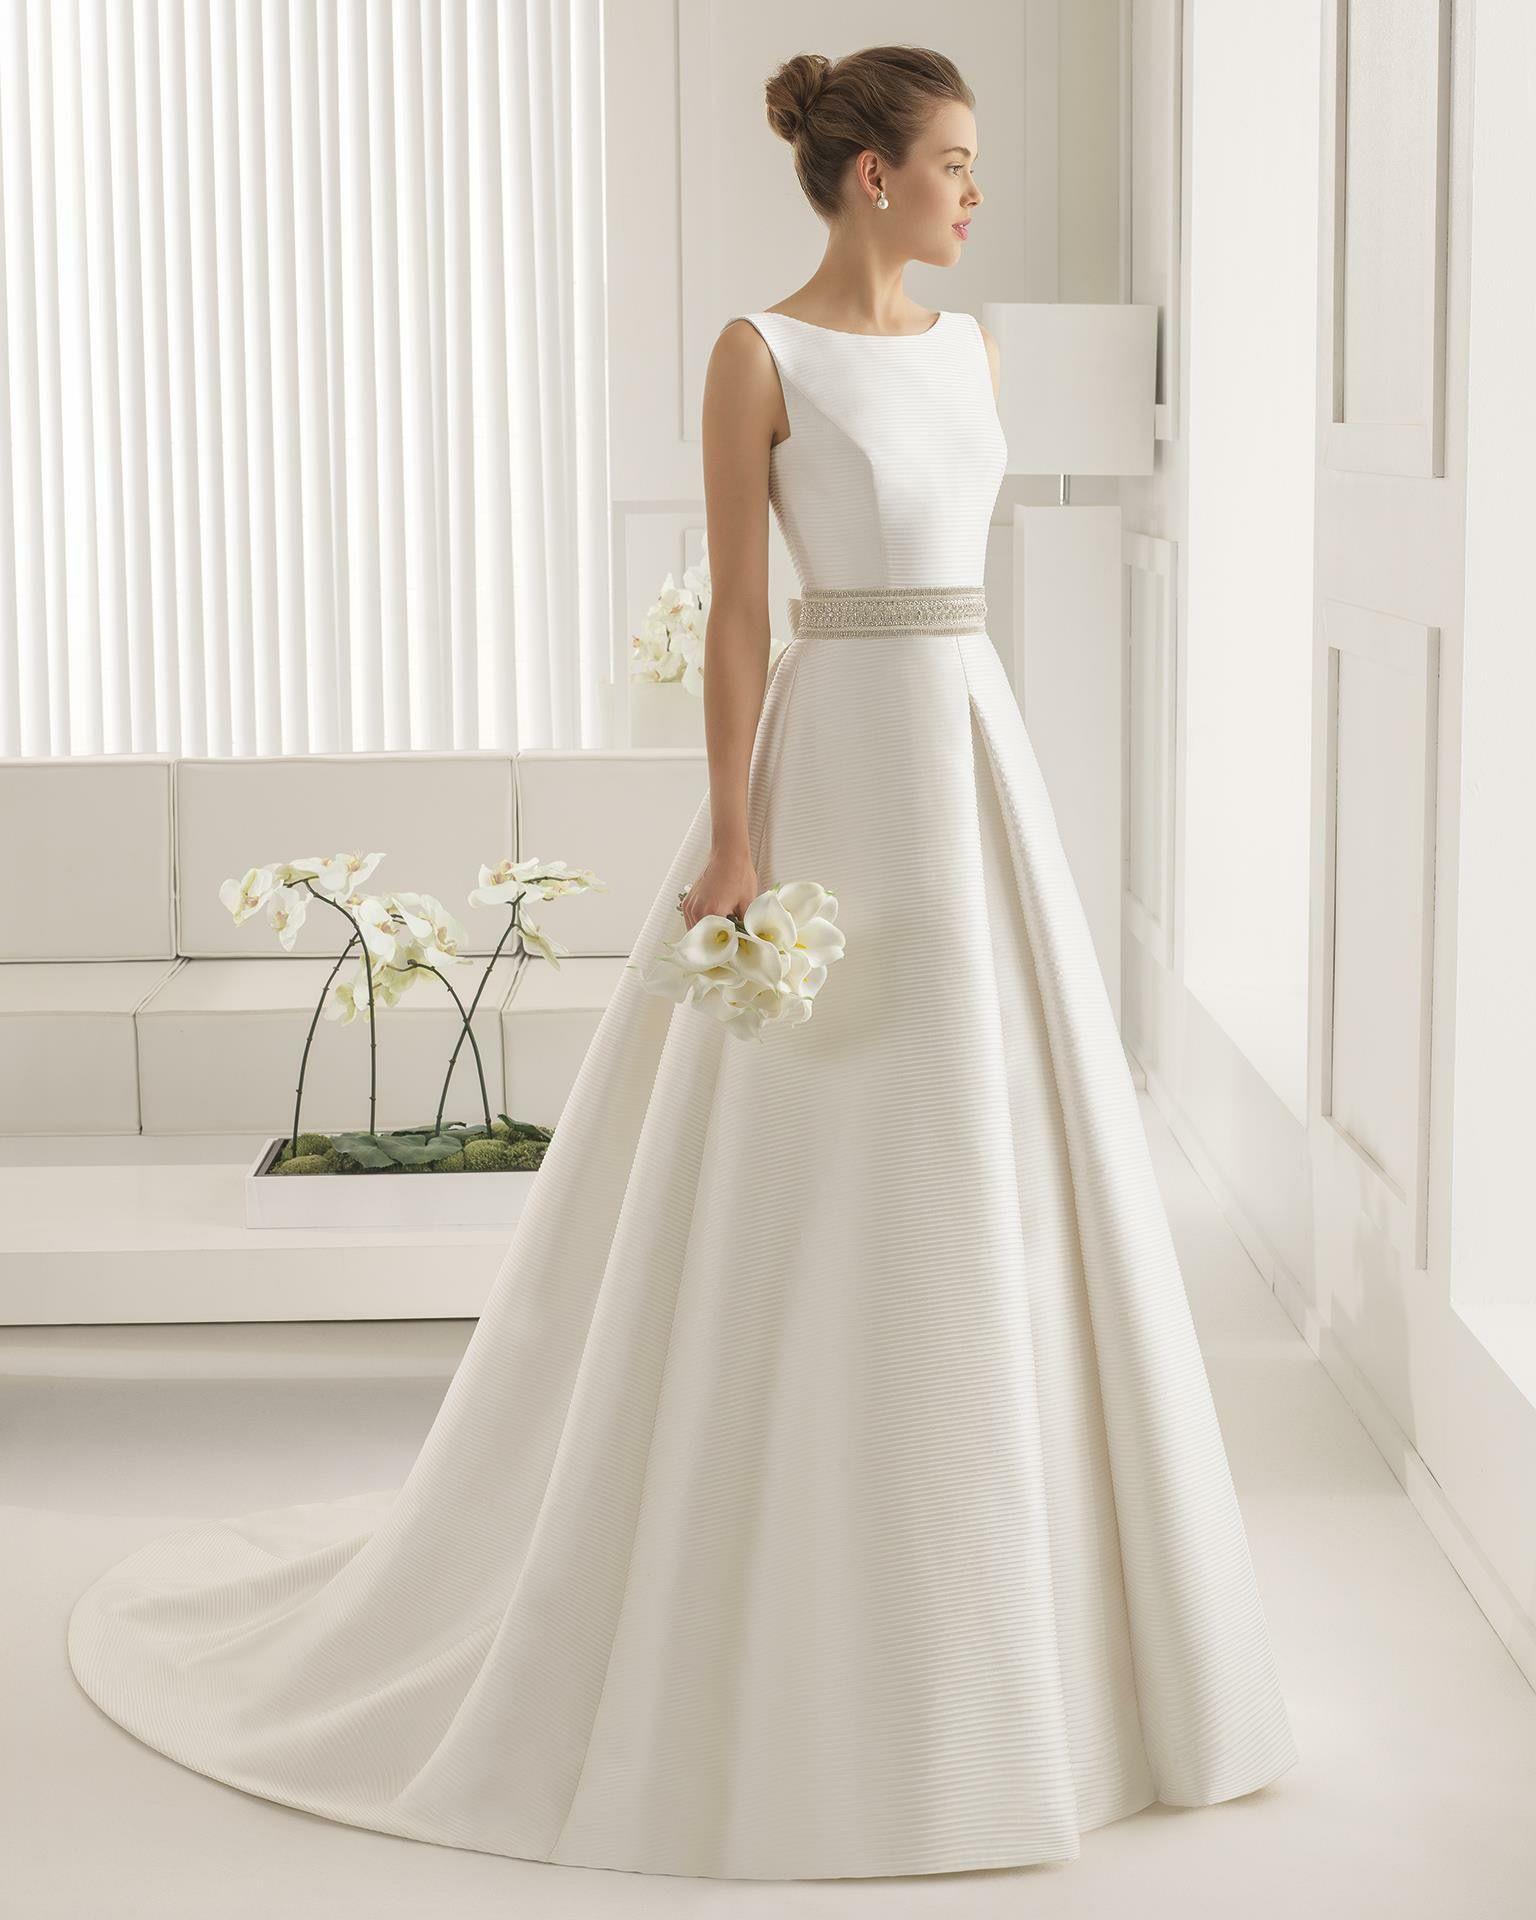 Schlicht Einfach, Aber Dennoch Ein Elegantes Brautkleid